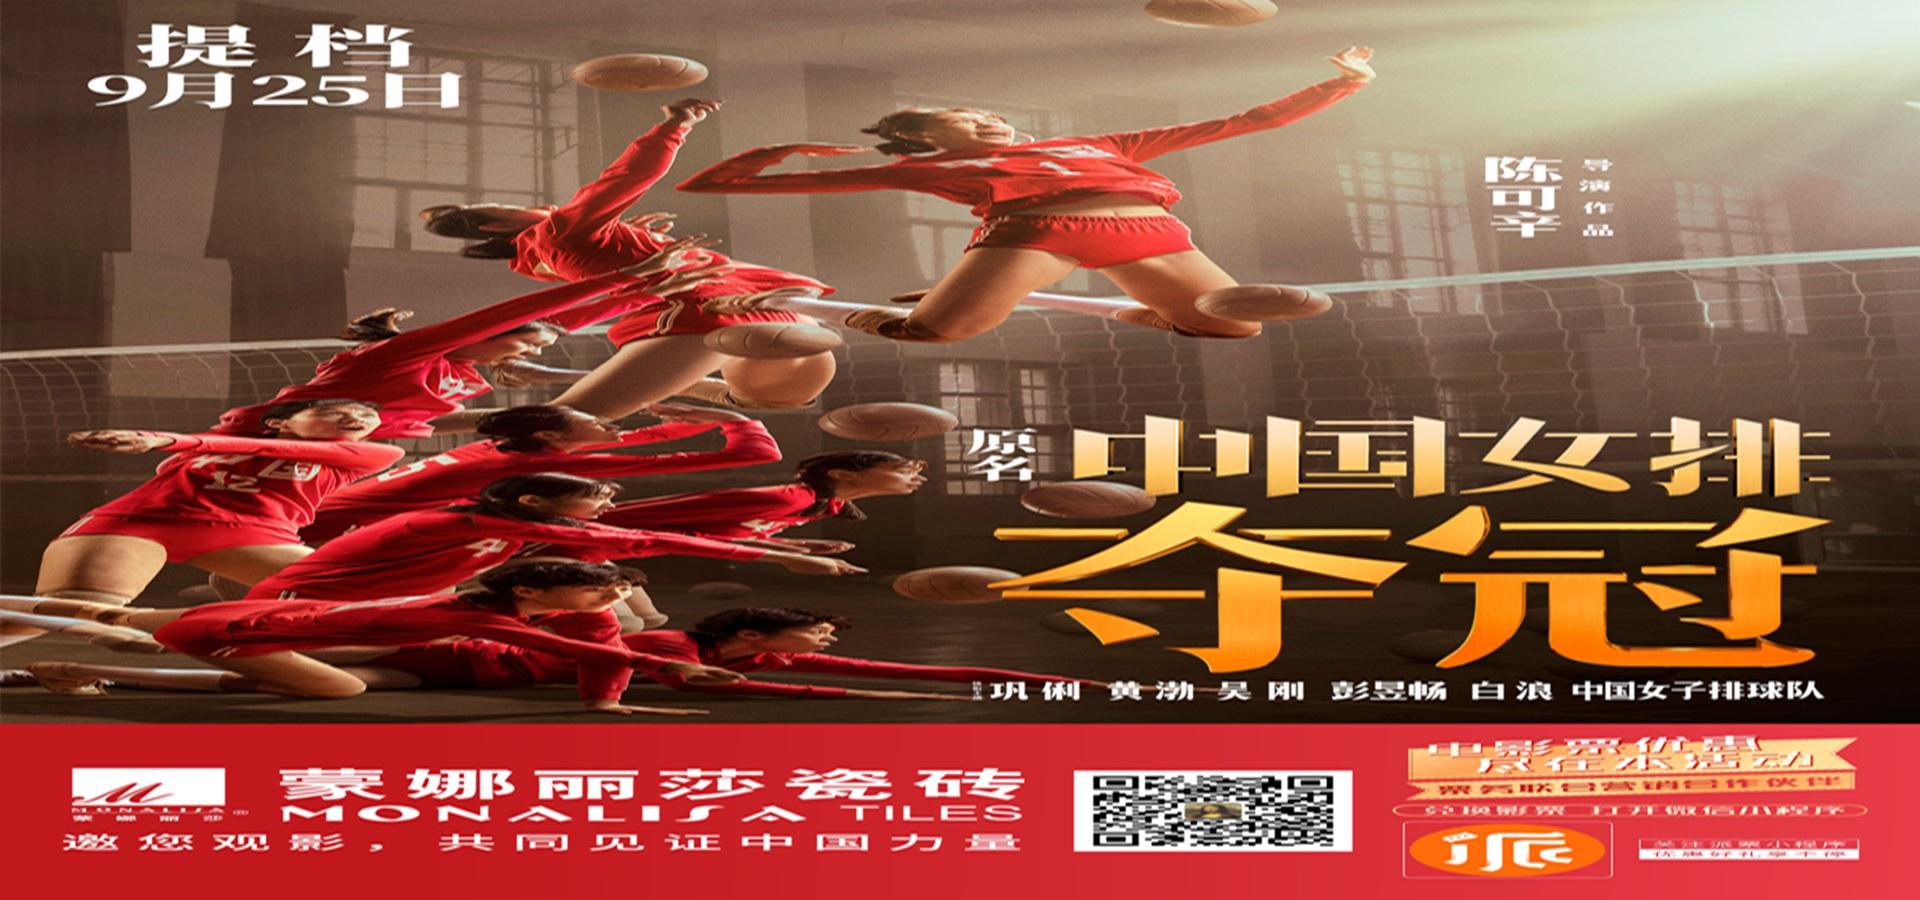 电影《夺冠》定档9.25,大润发邀你见证女排传奇